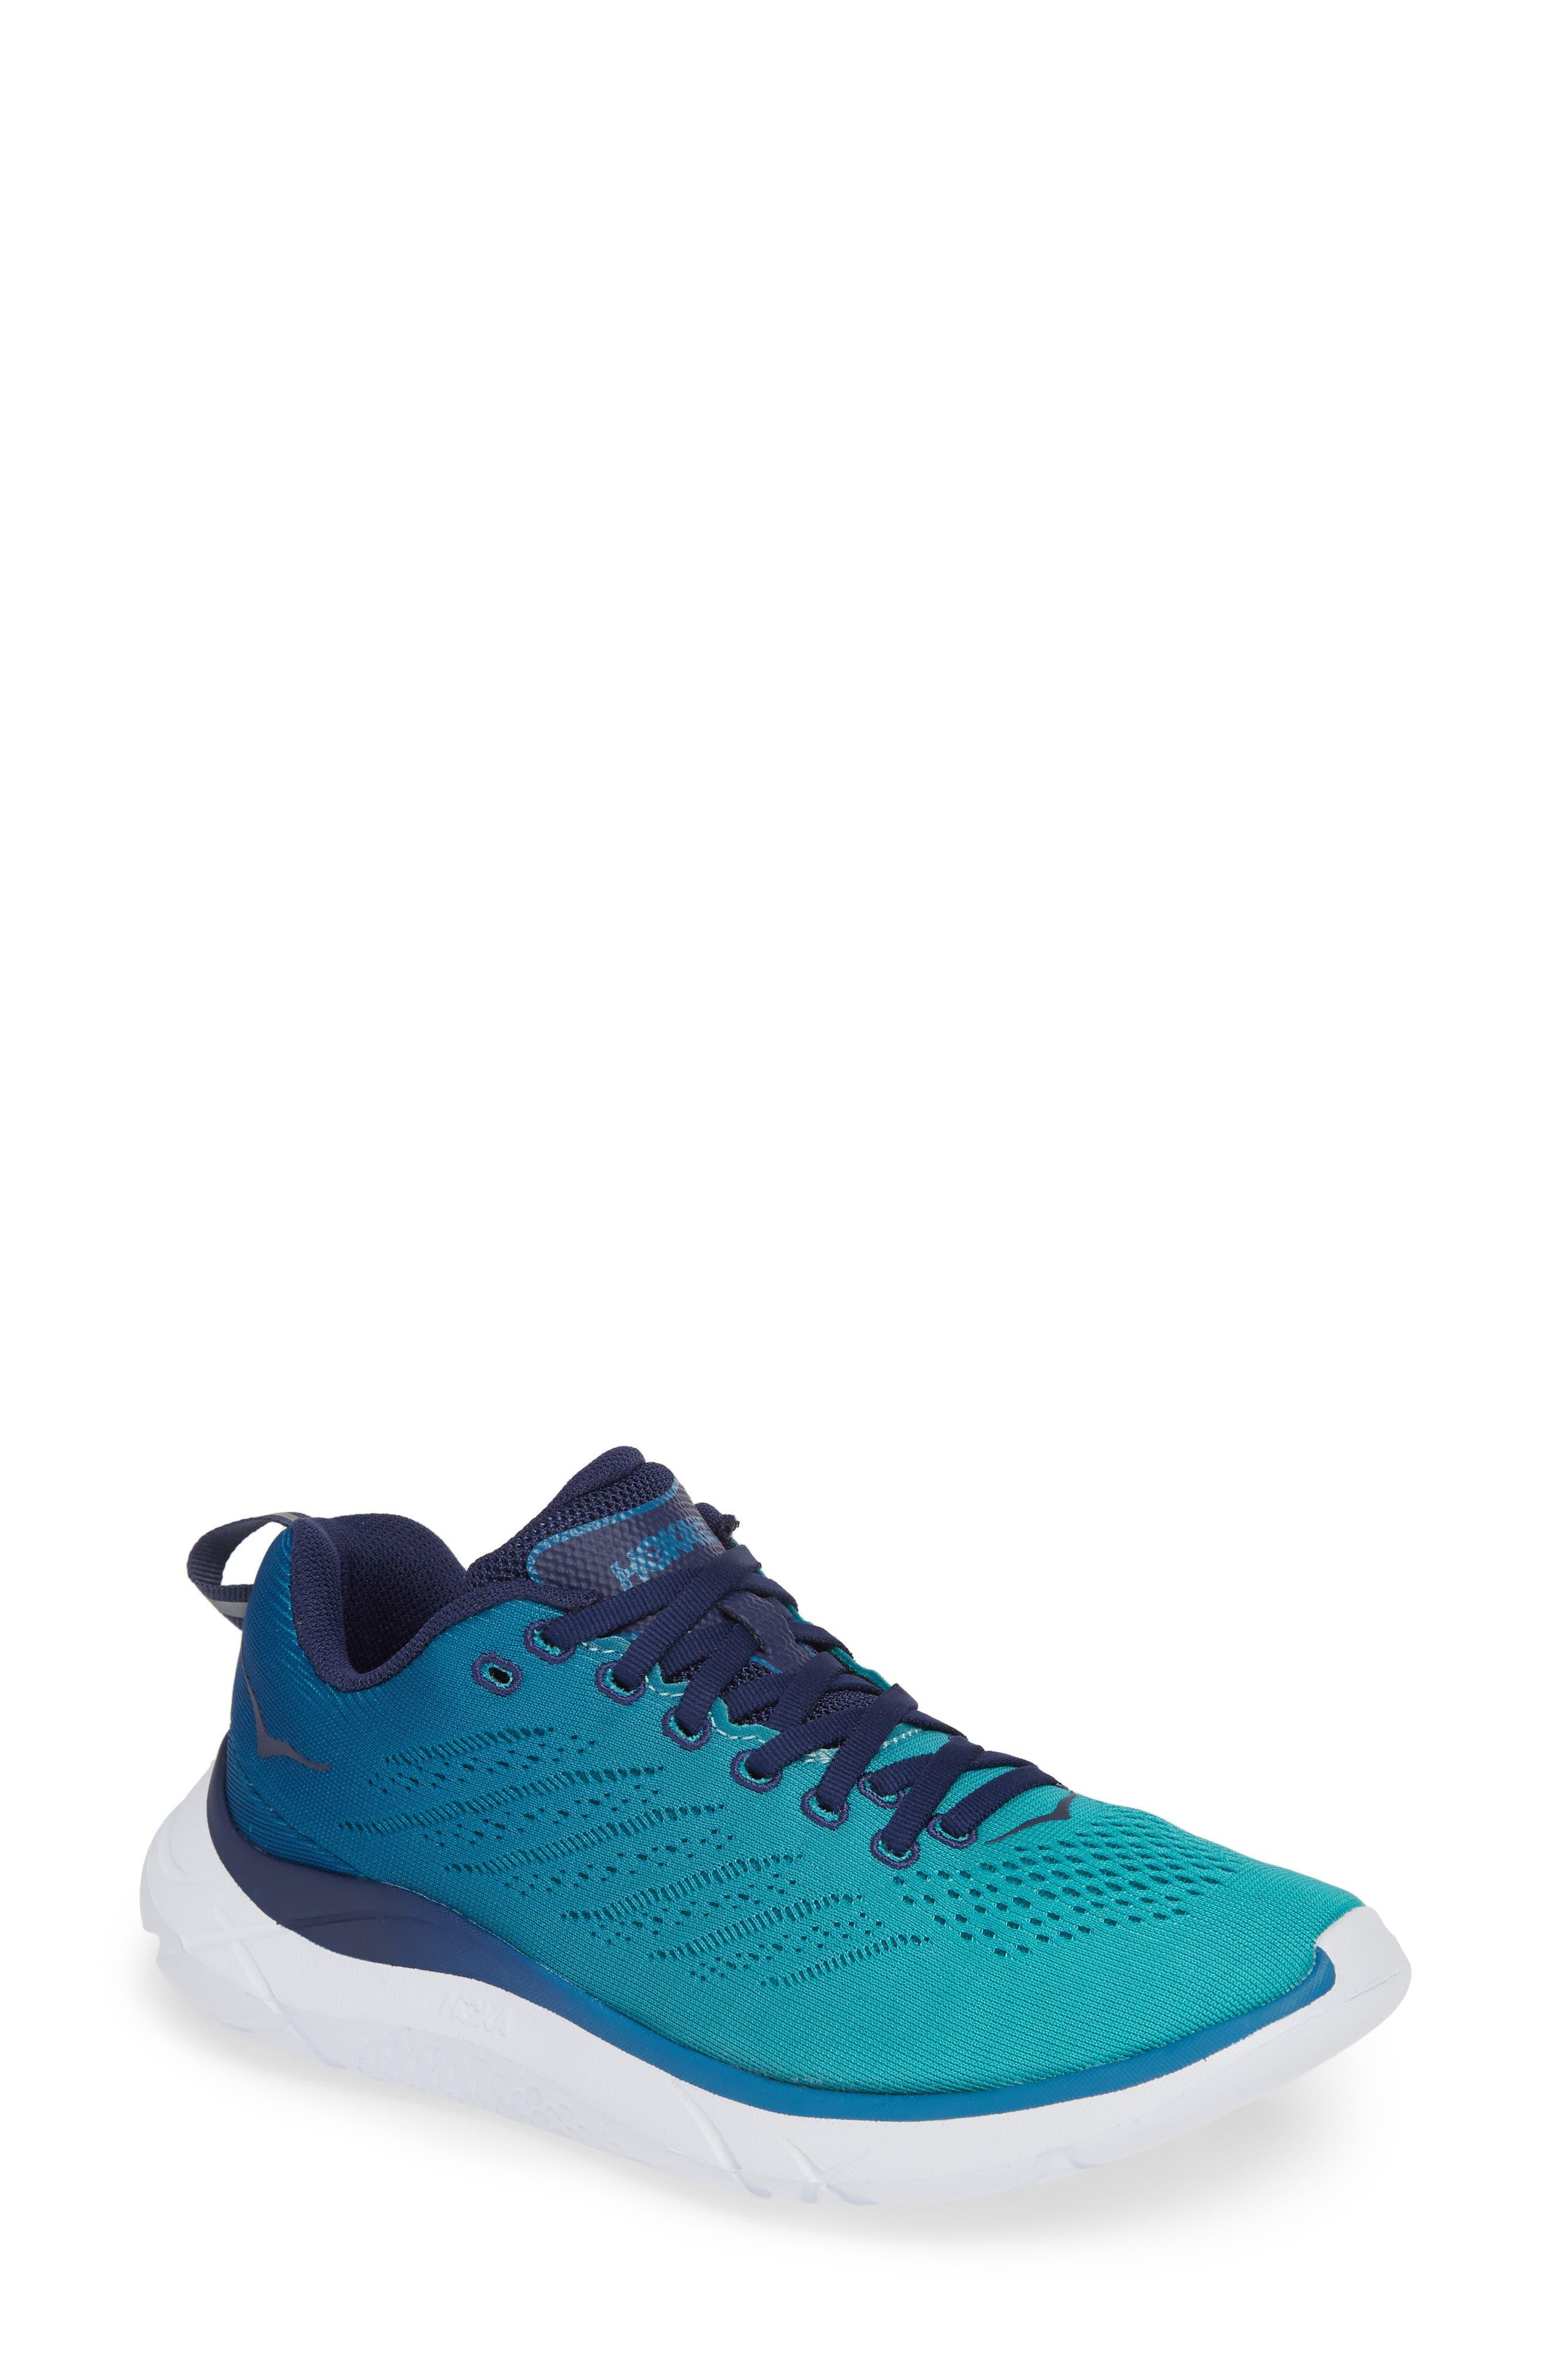 Hoka One One Hupana Em Sneaker, Blue/green